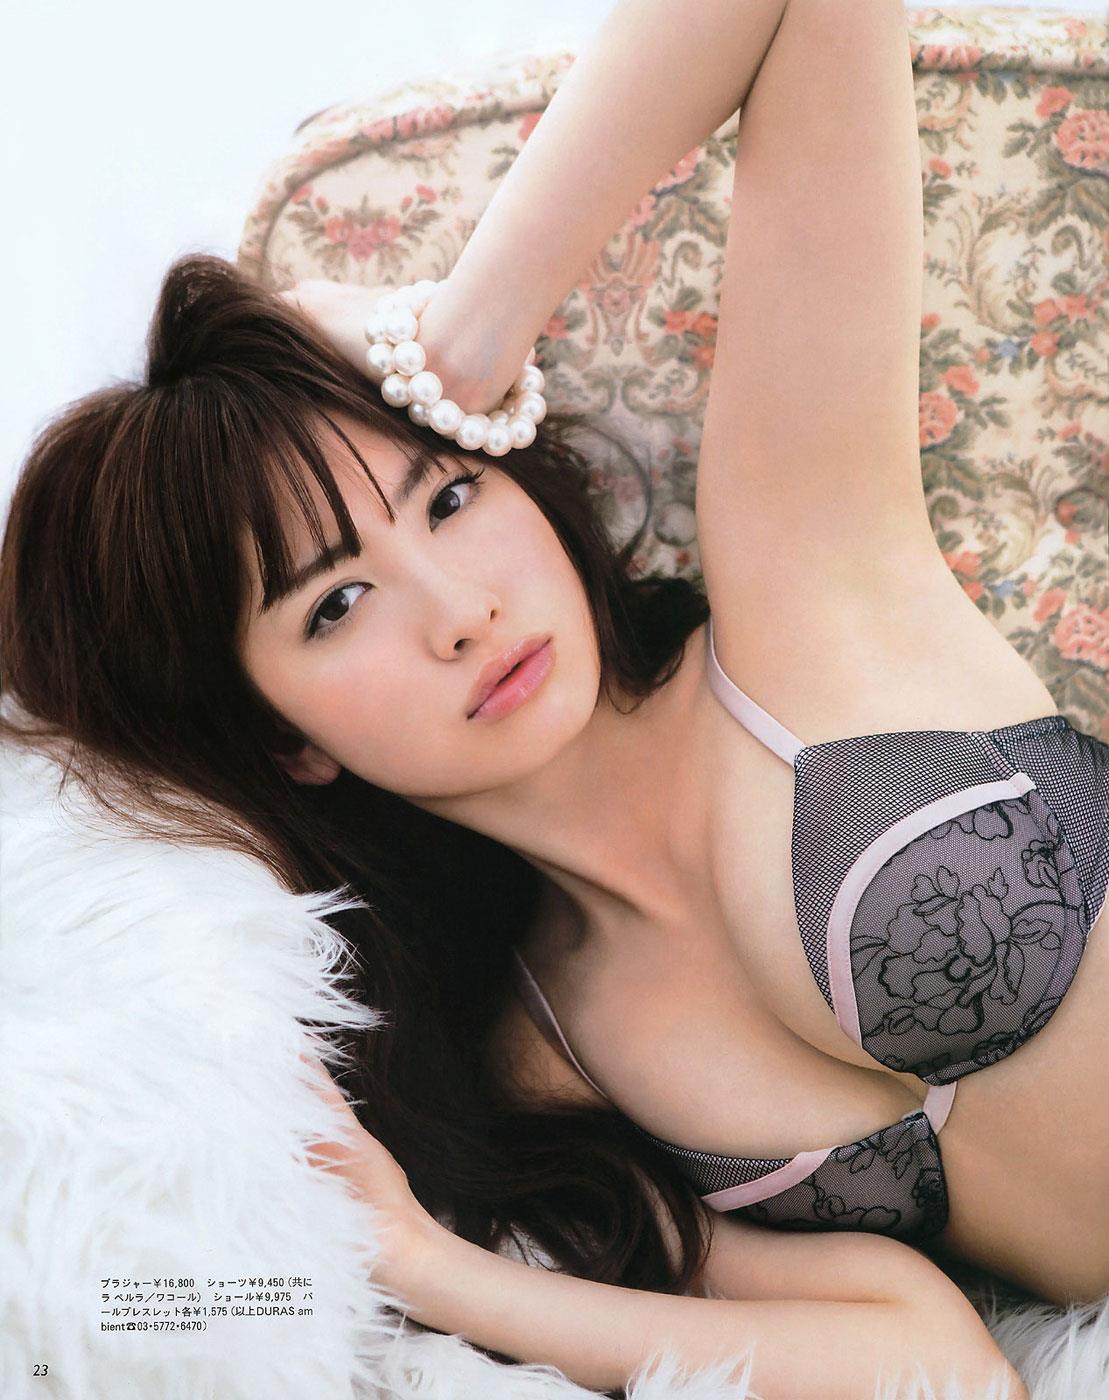 小嶋陽菜 ランジェリー画像 67